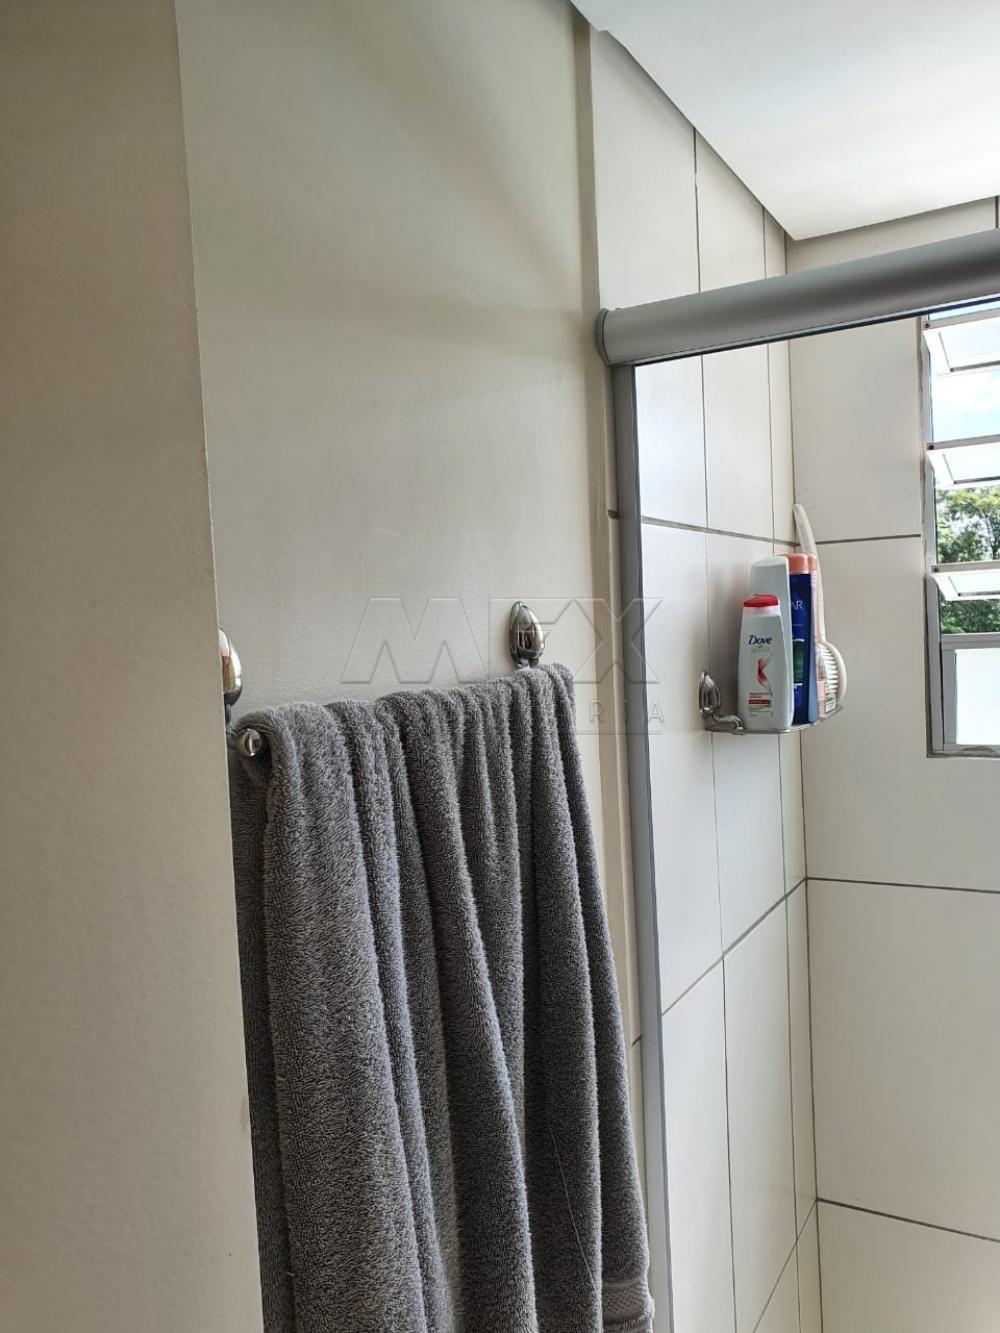 Alugar Apartamento / Padrão em Bauru R$ 900,00 - Foto 25